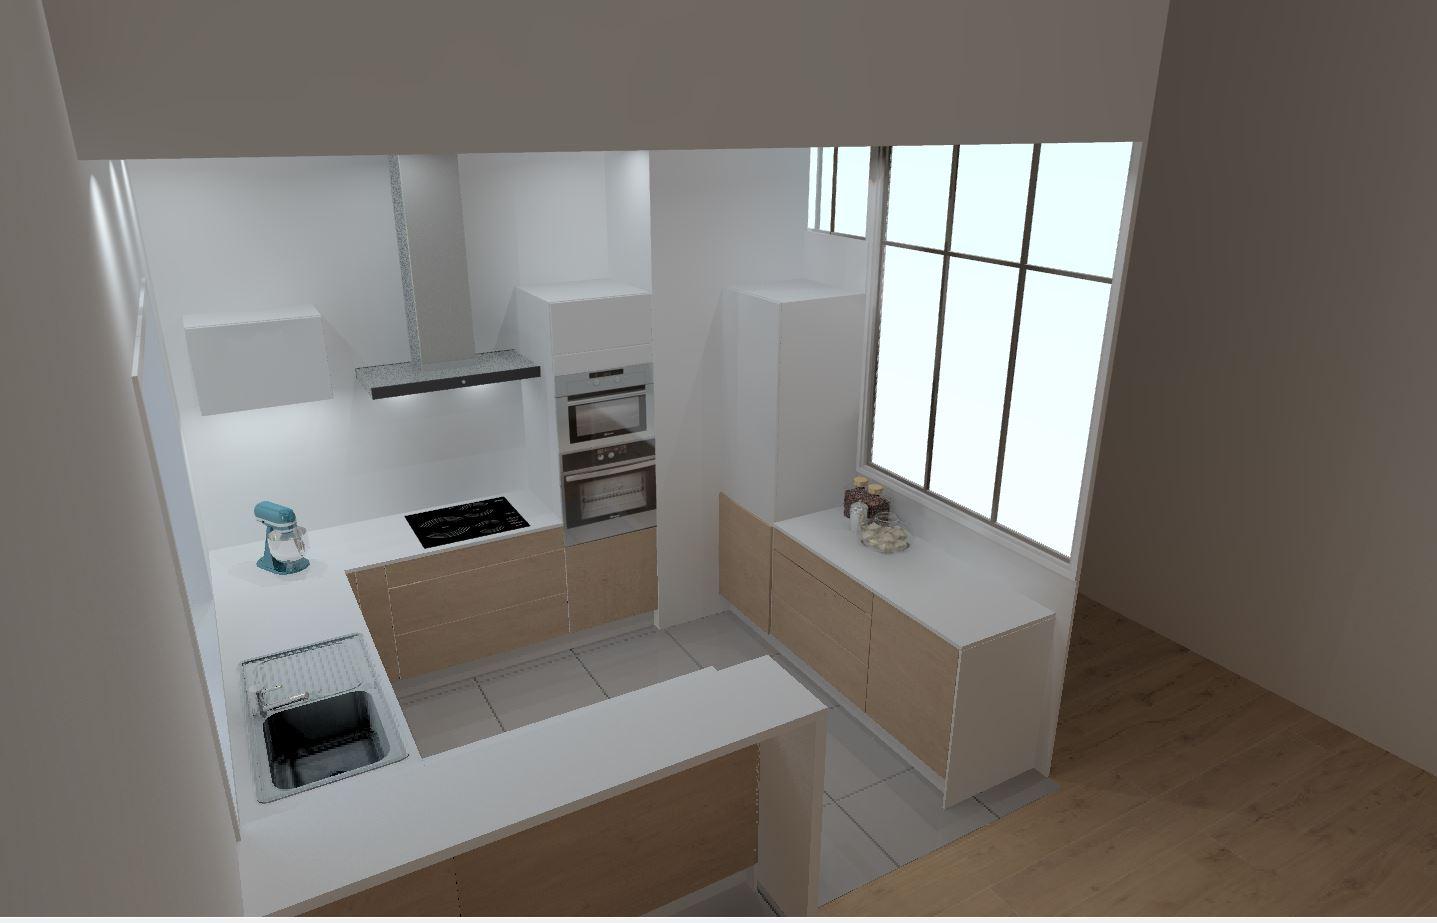 cuisine bi matière bois et laque blanche sur mesure type scandinave par Cuisine Intérieur Design Toulouse